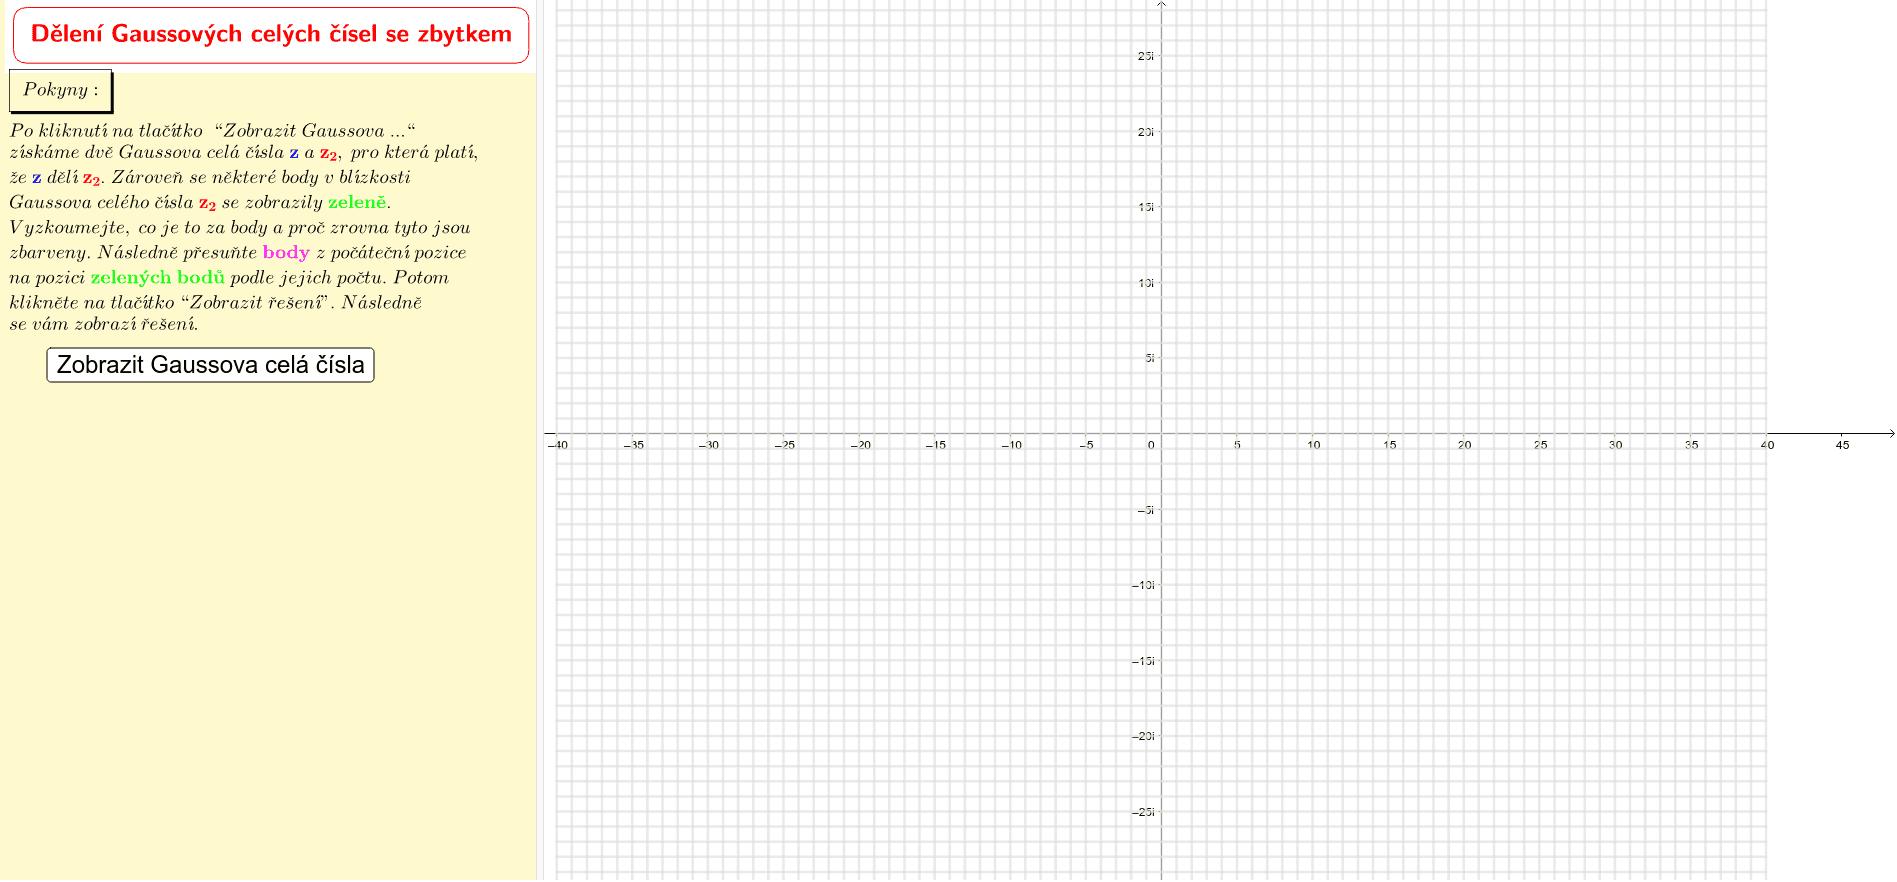 Dělení Gaussových celých čísel se zbytkem